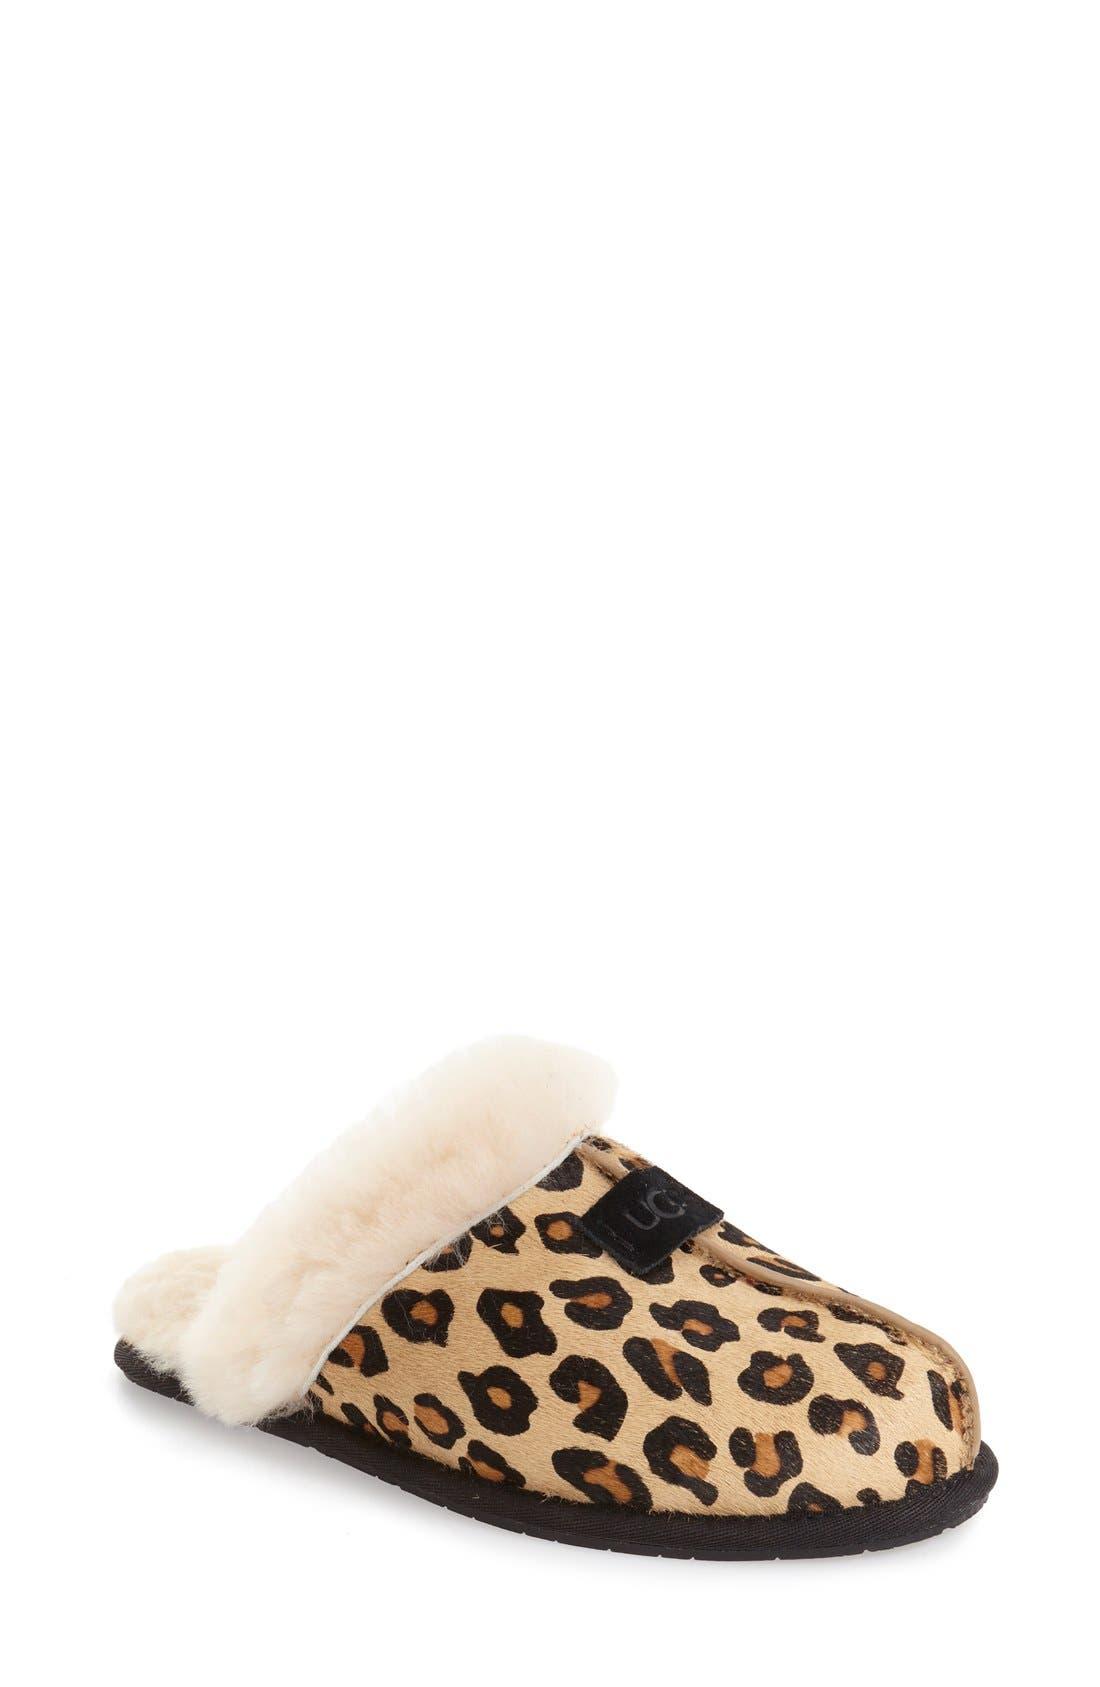 Scuffette II Leopard Spot Calf Hair Genuine Shearling Cuff Slipper,                         Main,                         color,